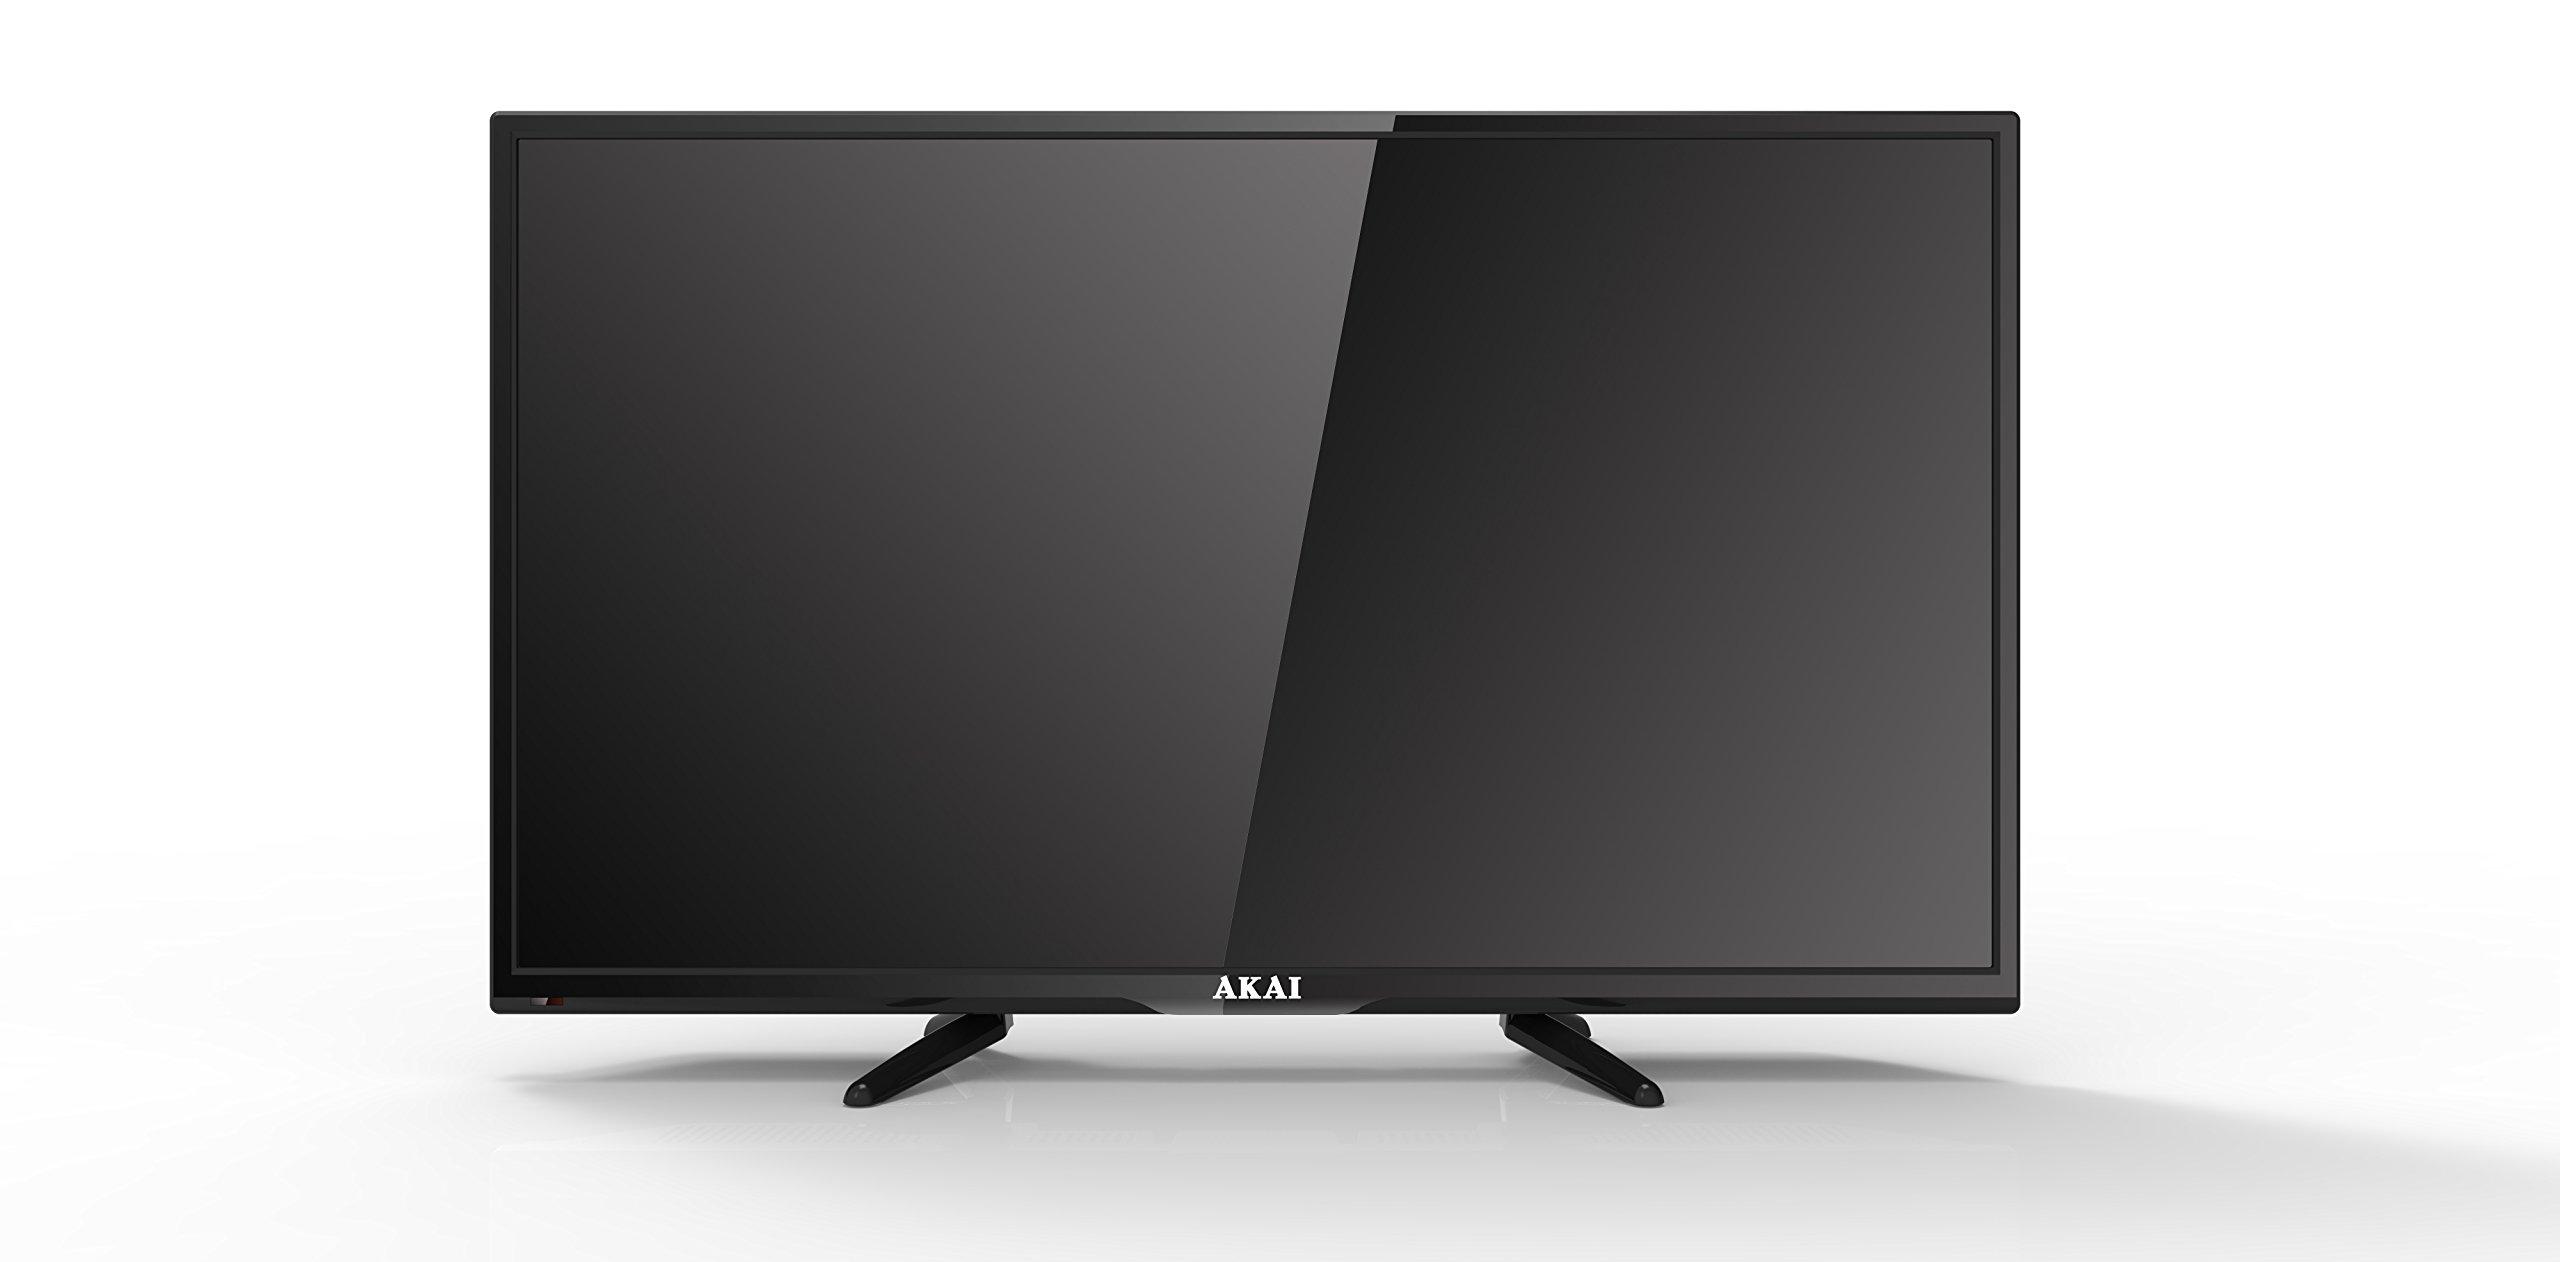 AKTV3223T 32 Smart AKAI: Amazon.es: Electrónica